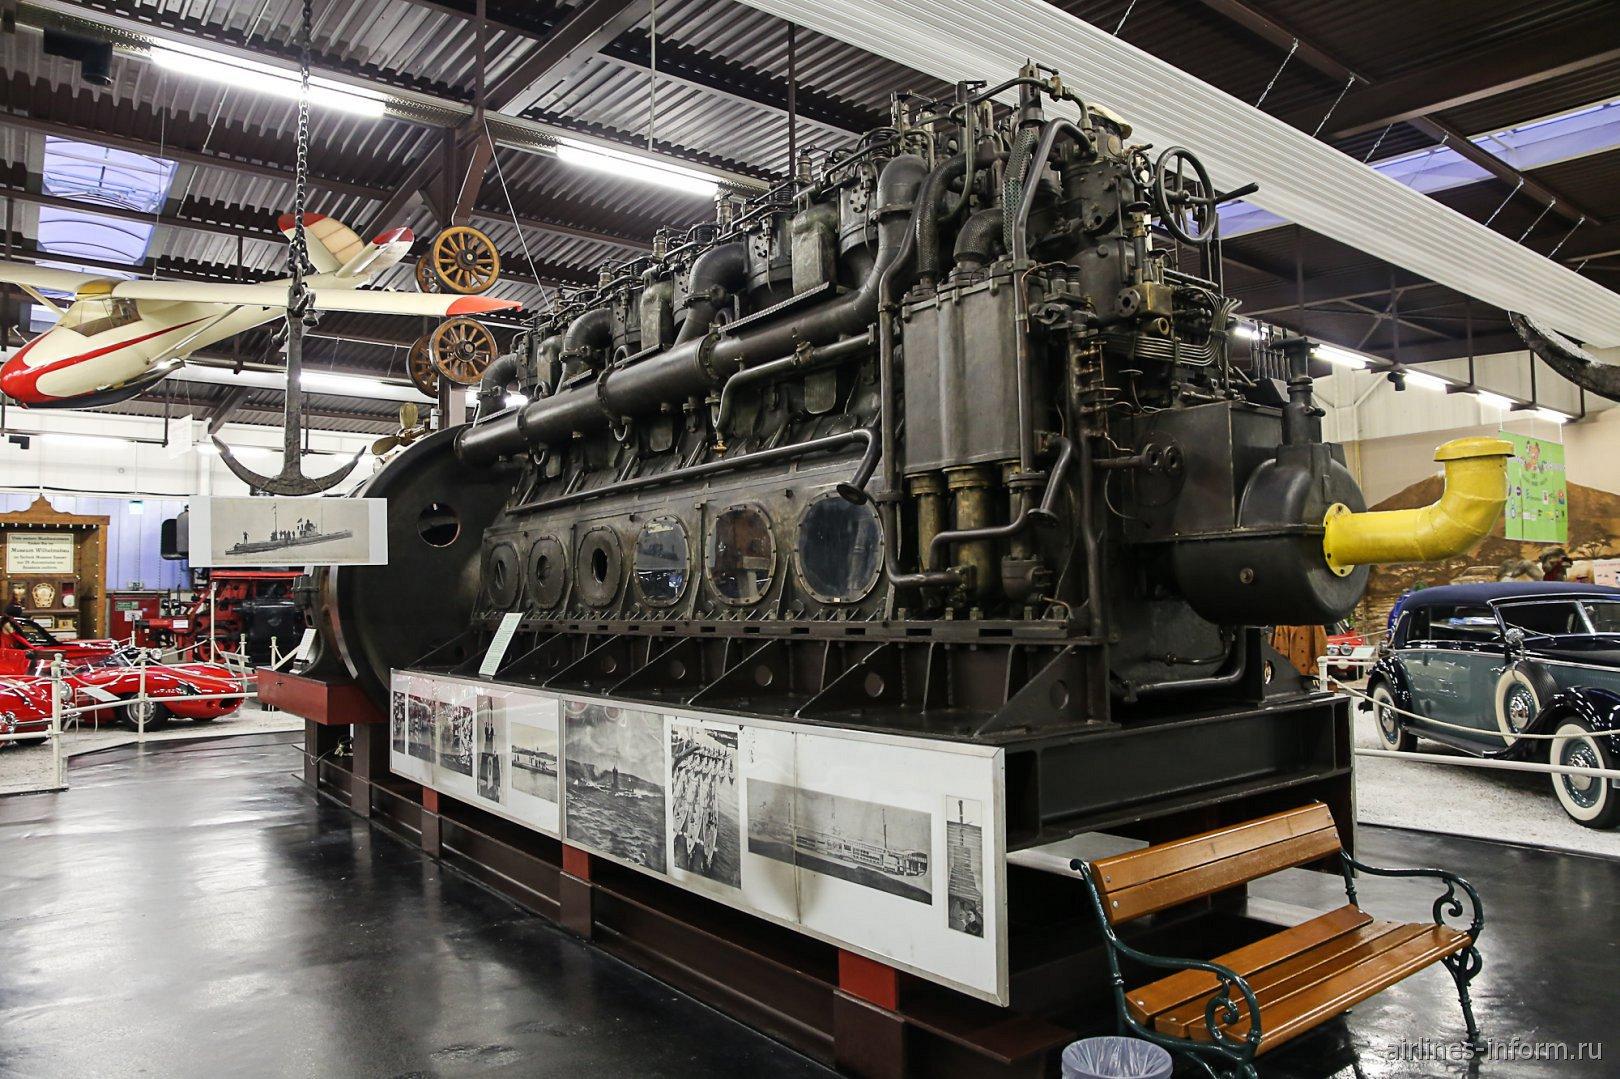 Дизель для подводной лодки в музее техники в Зинсхайме